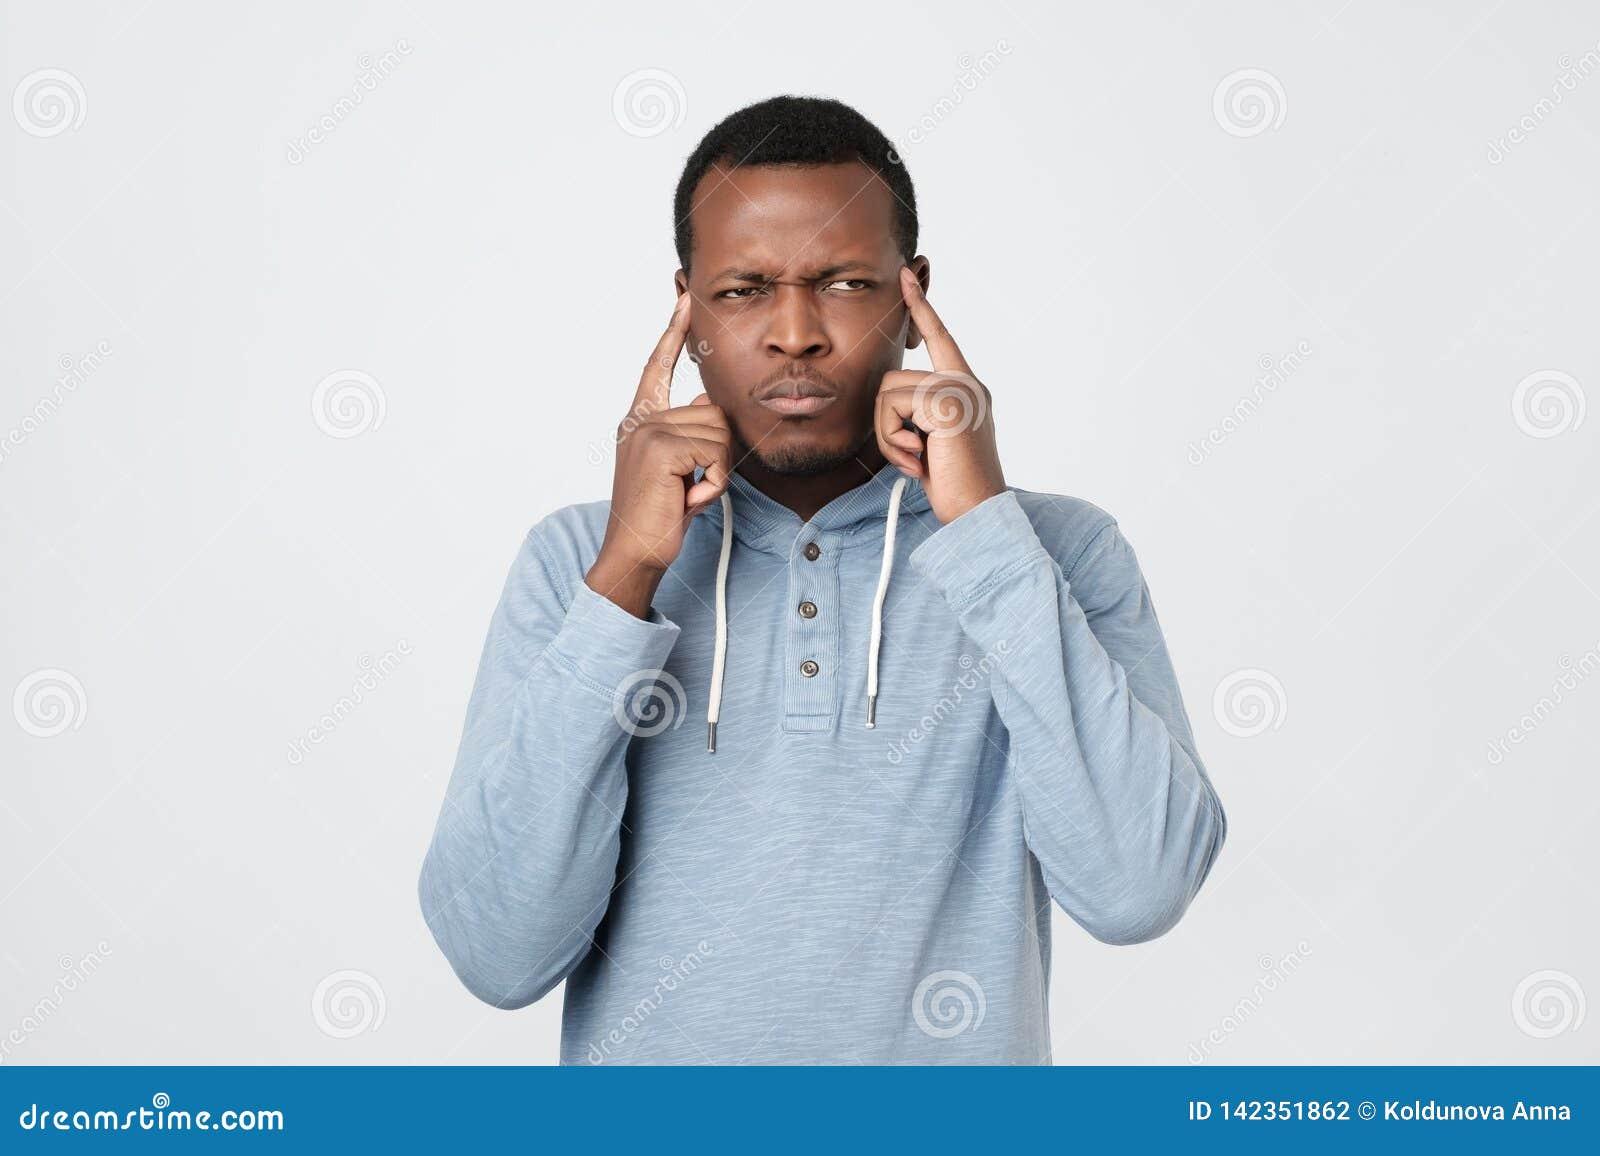 Afrikanska amerikanen som mannen håller fingrar på tempel, väljer den bästa passande lösningen